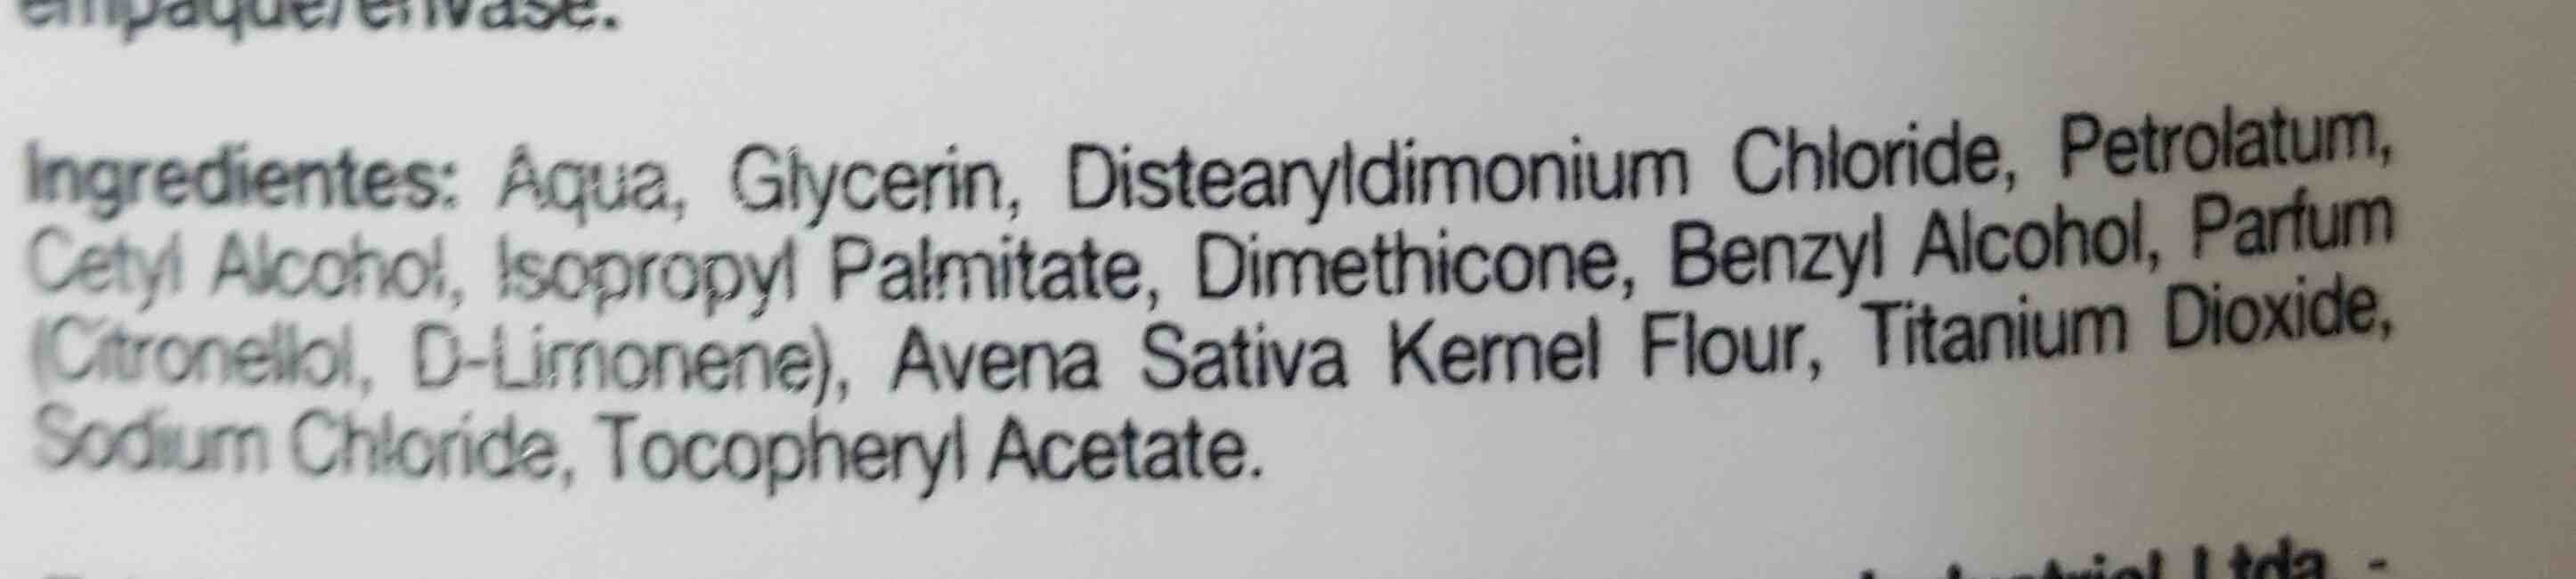 neutrogena - Ingredientes - en